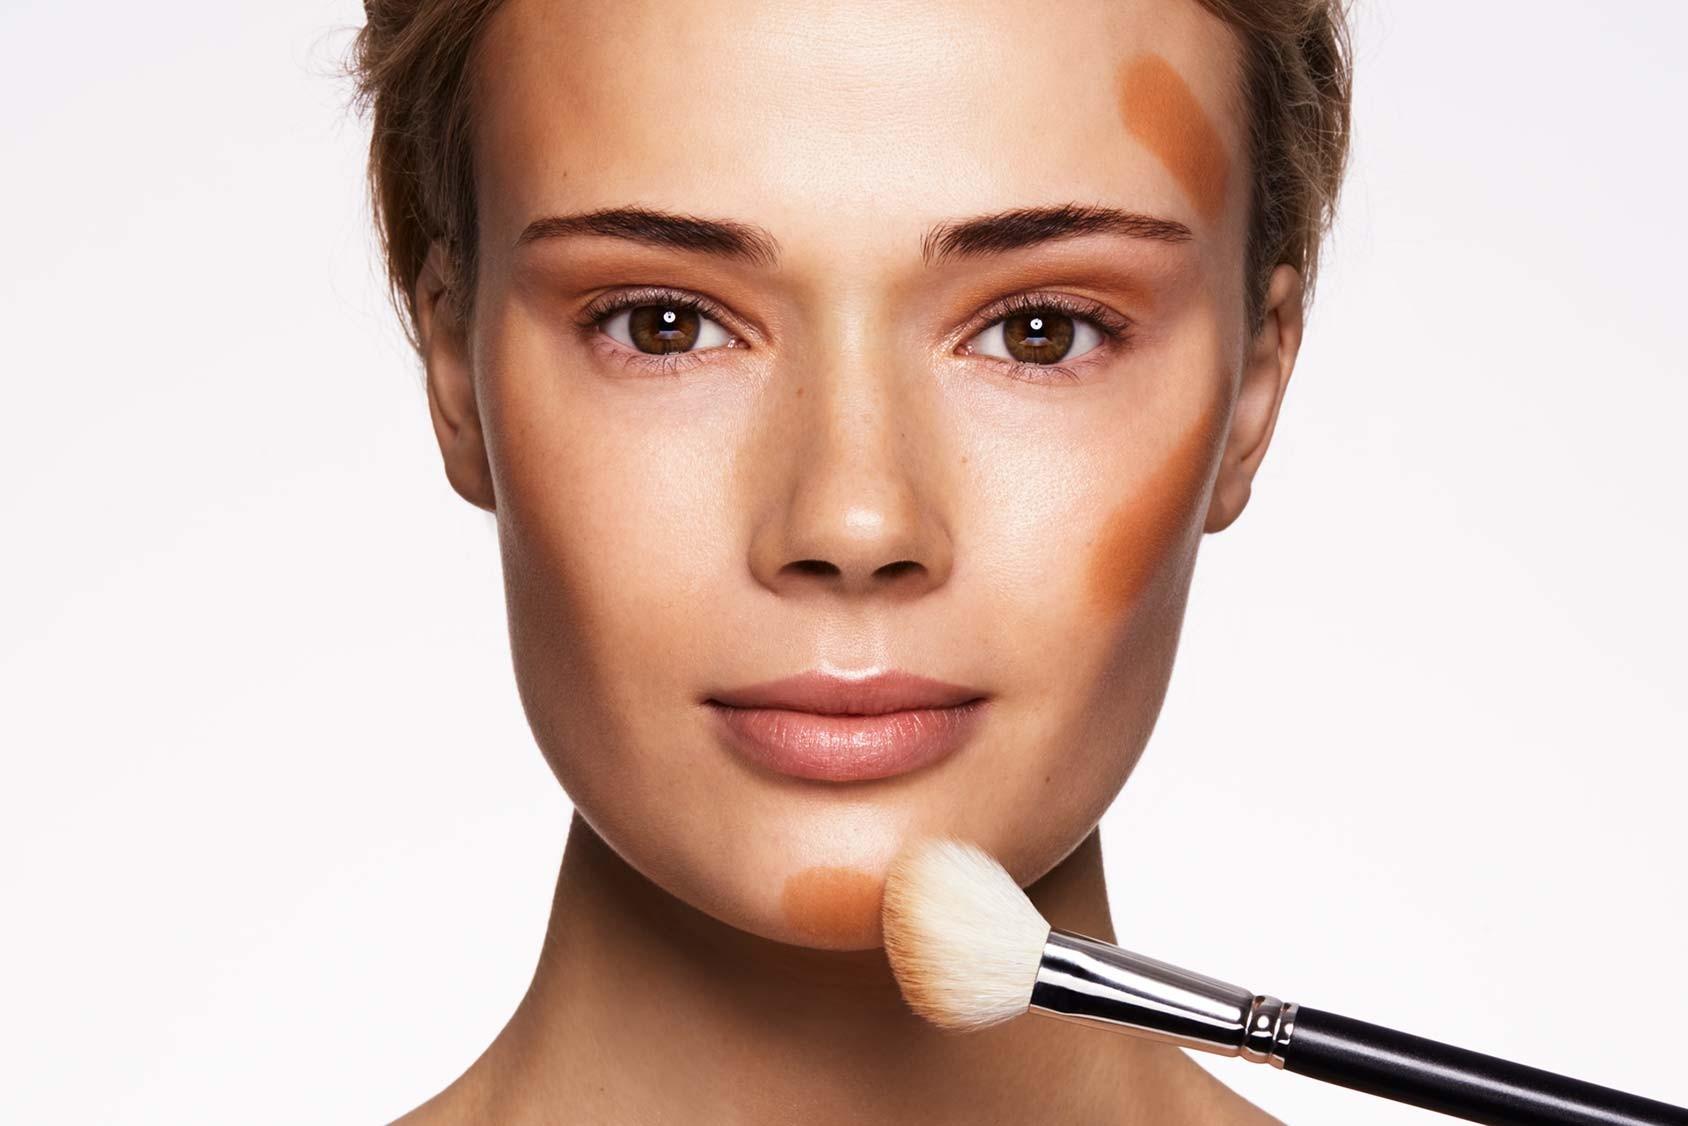 Ты сможешь сделать классный макияж девушке, помоги ей выглядеть идеально в этой игре.